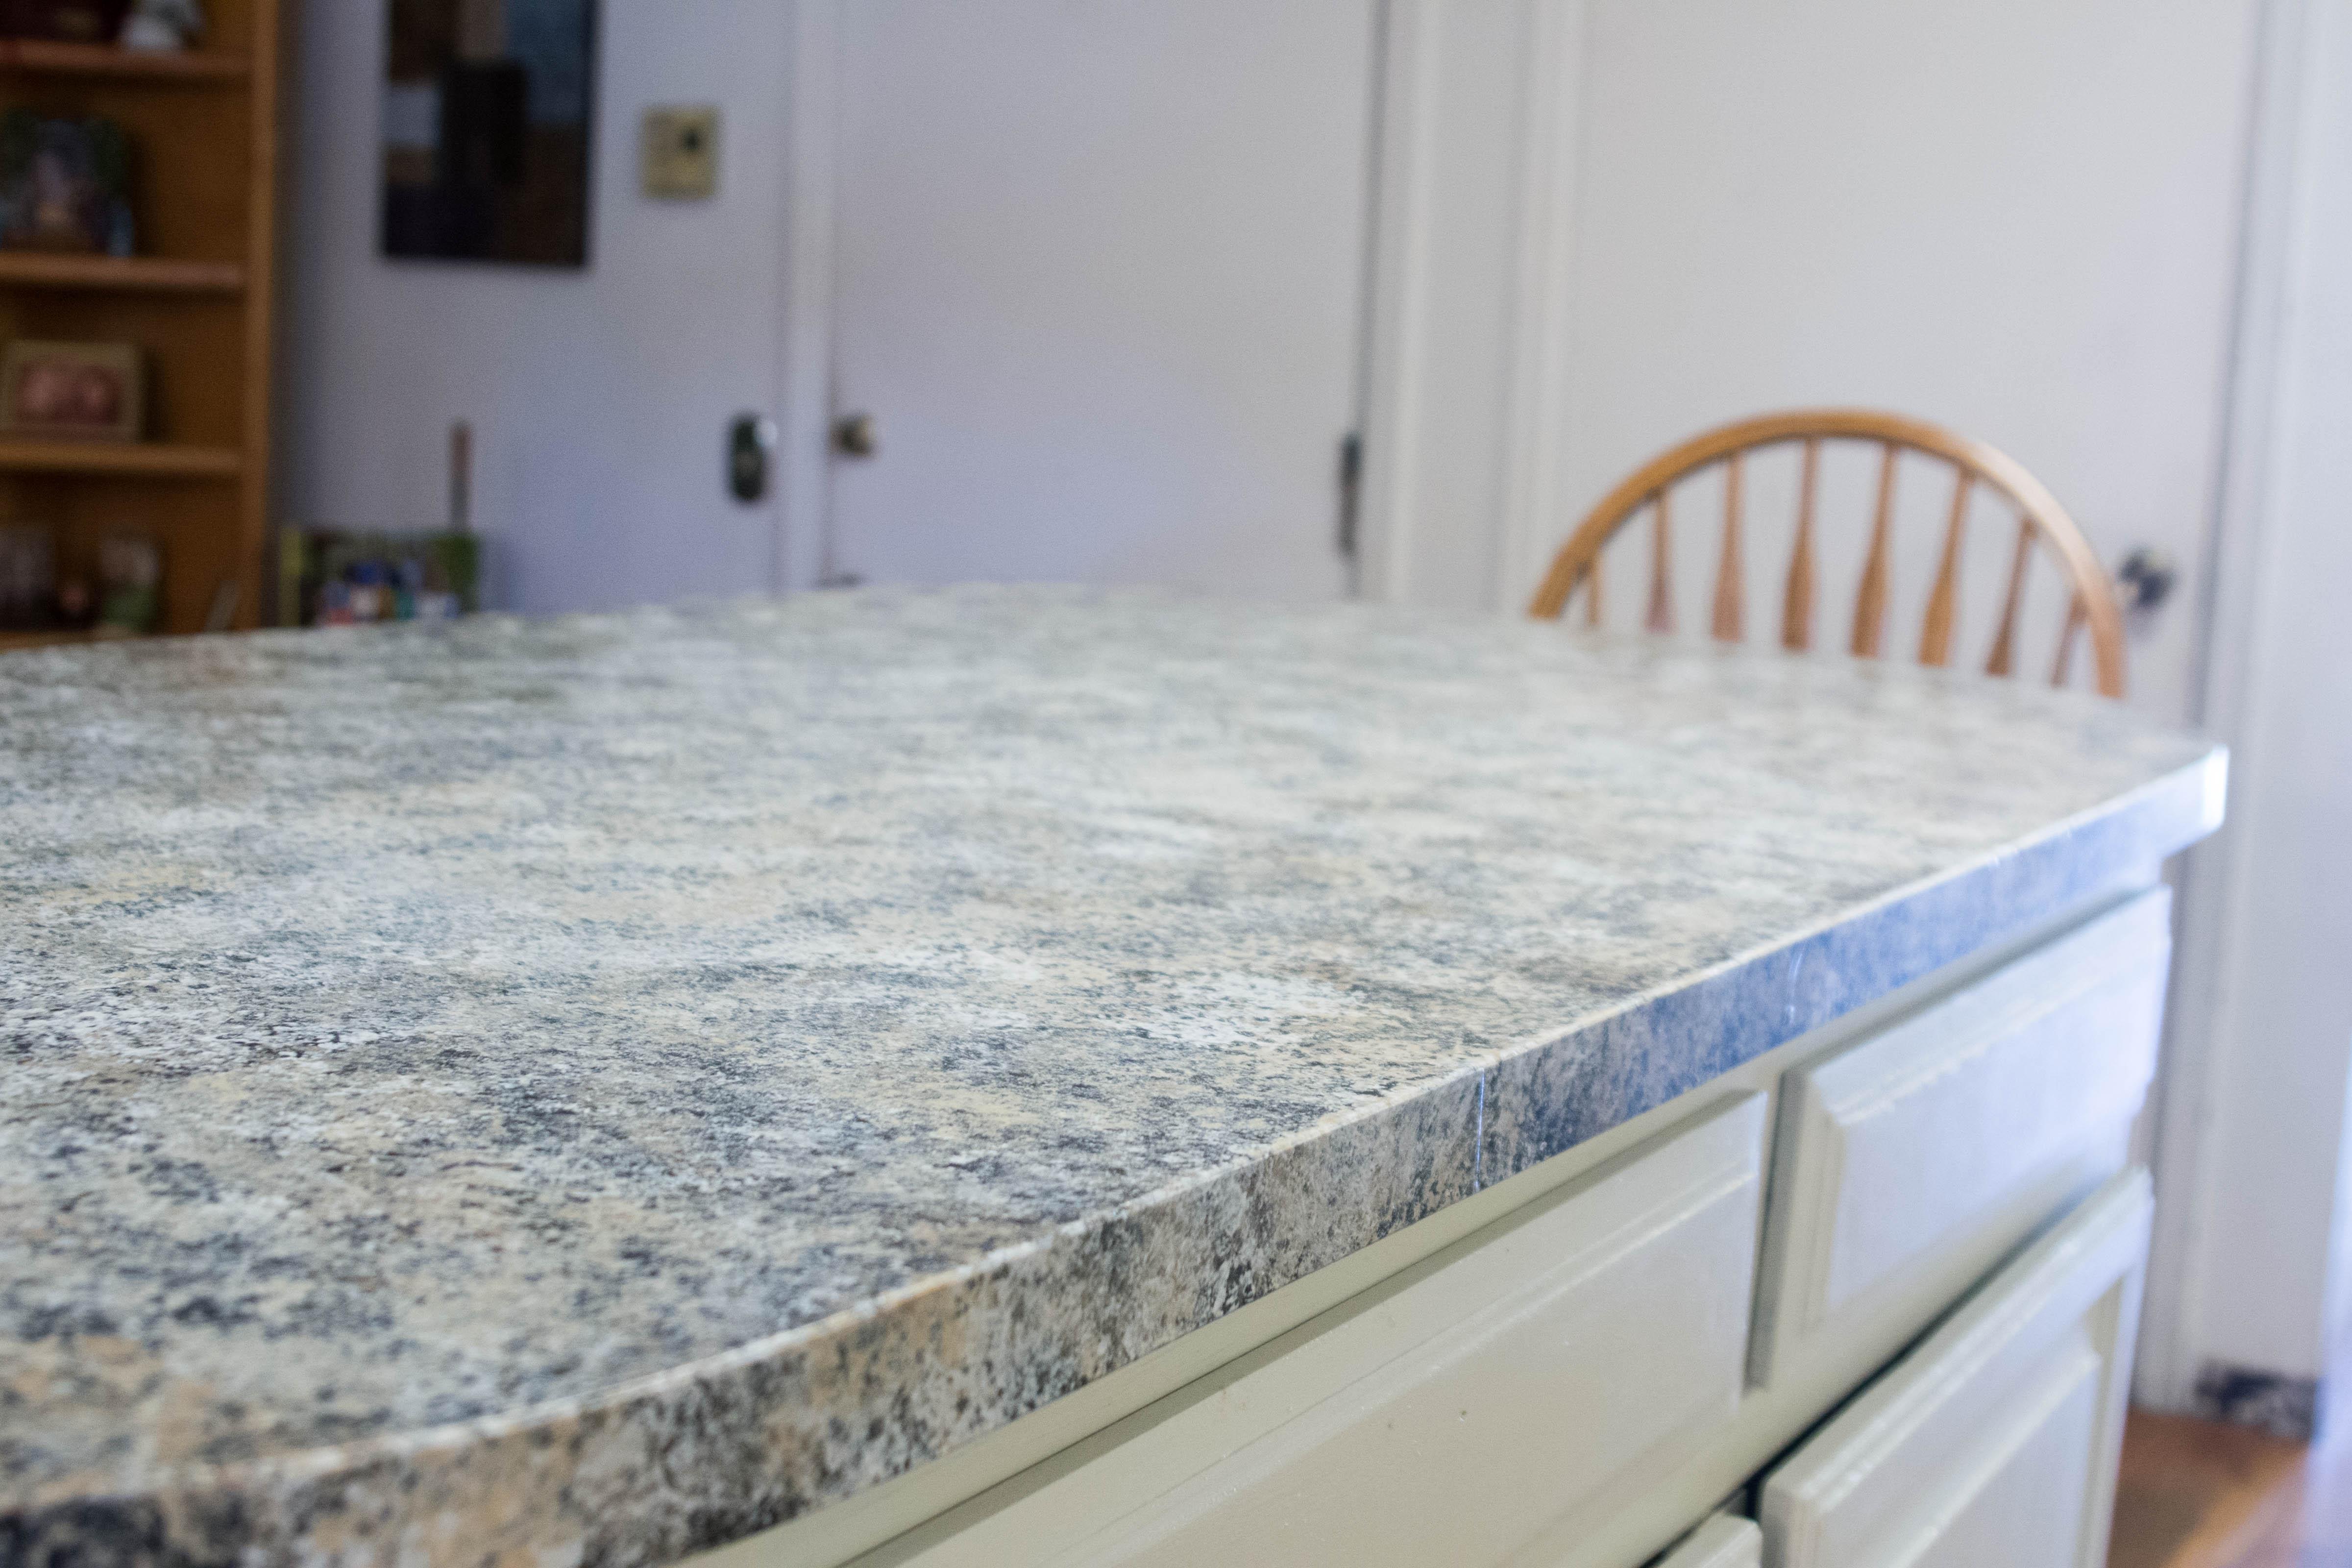 diy-kitchen-countertops (2 of 7)